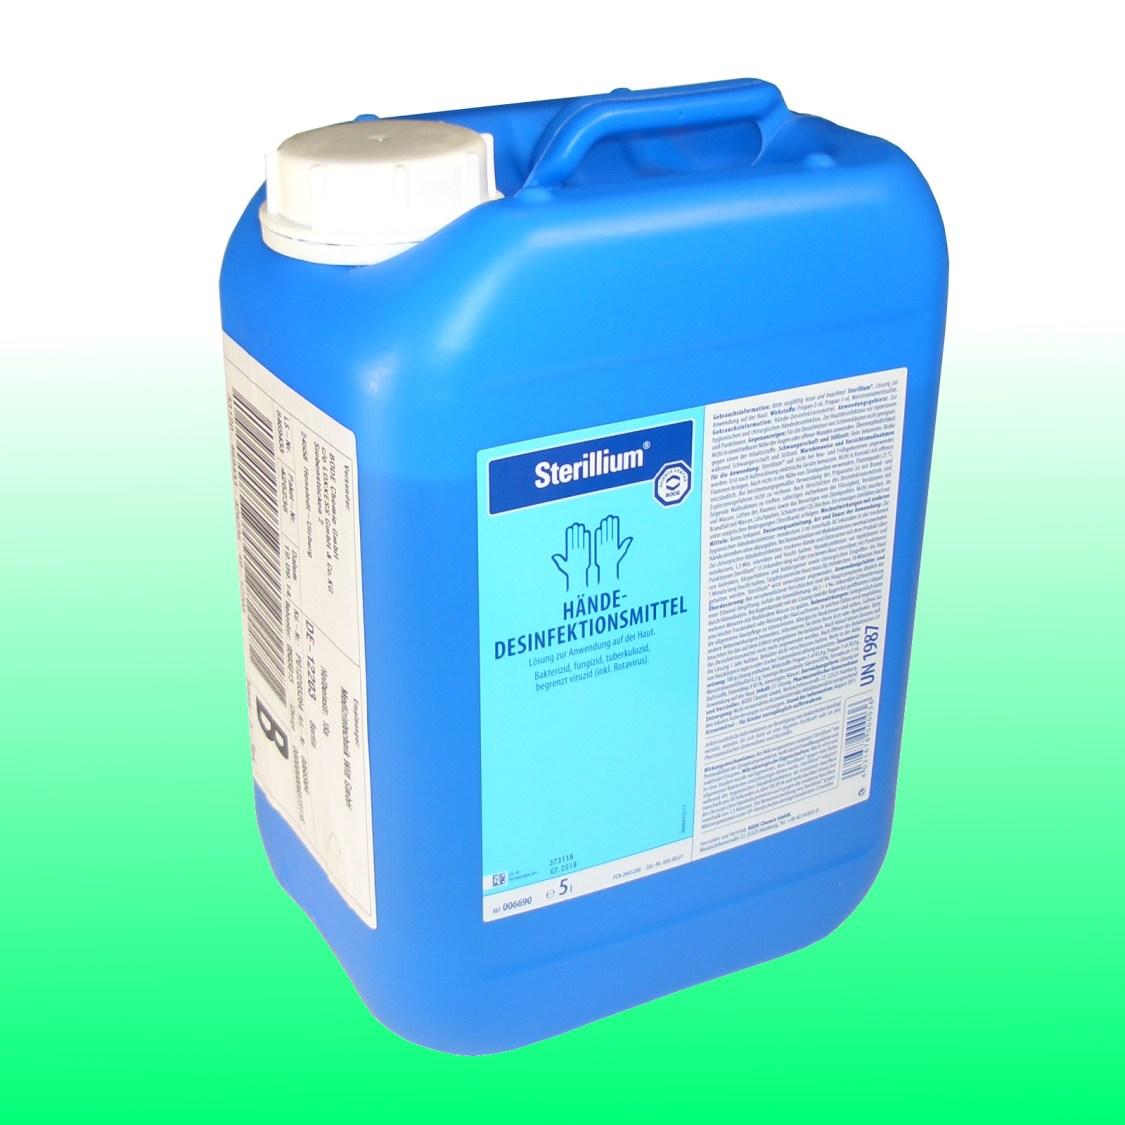 Sterillium - 5000ml 5 Liter Haut- und Händedesinfektion Sterilium